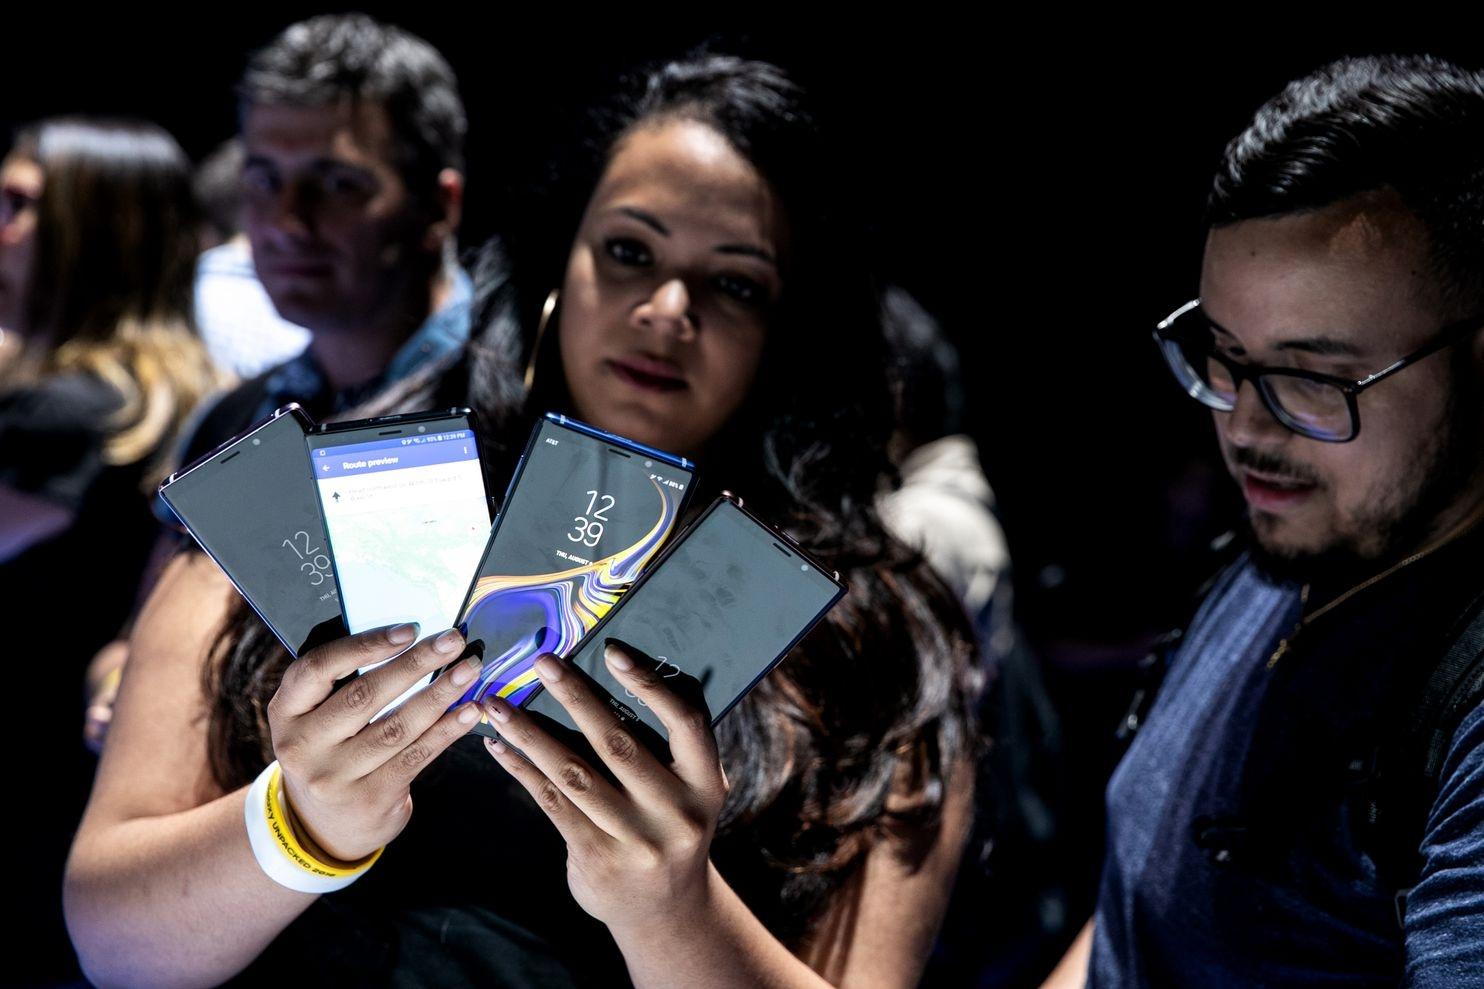 新iPhoneX手机什么时候上市 售价定在699美元?